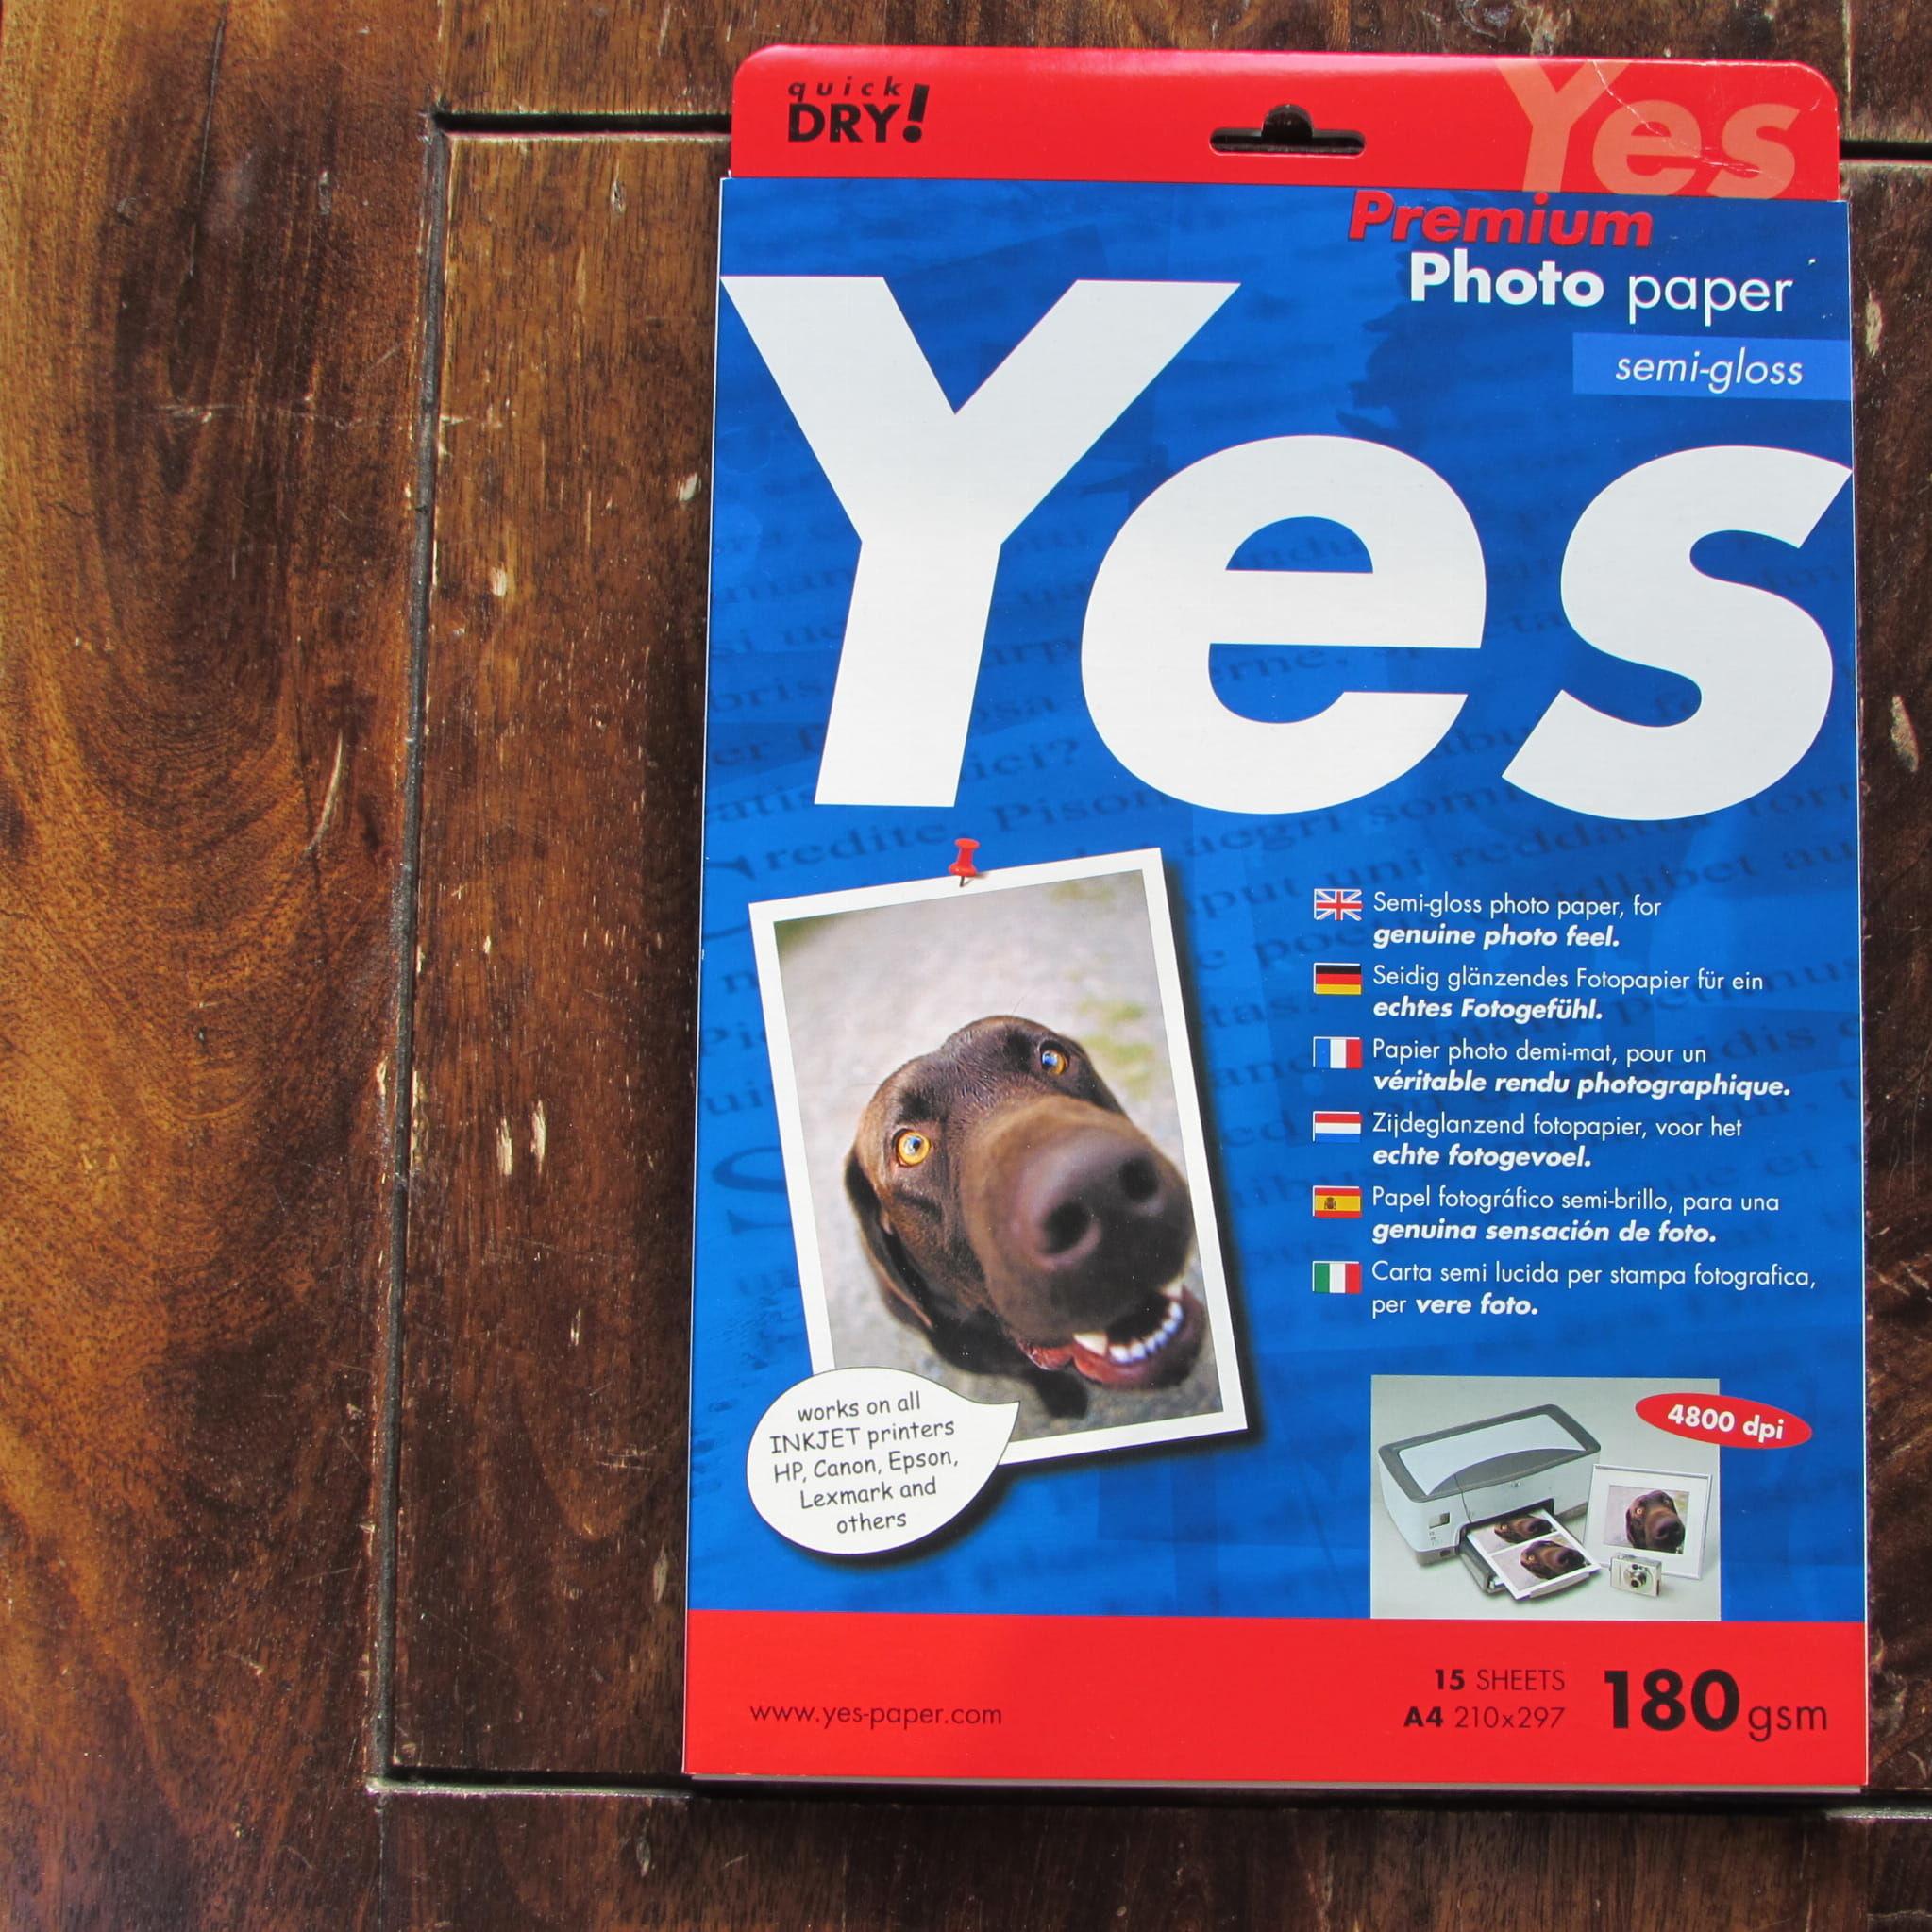 Papier fotograficzny Semi-Gloss Yes Premium Photo (biała) 180g A4, w paczce 15ark przecena - 45%